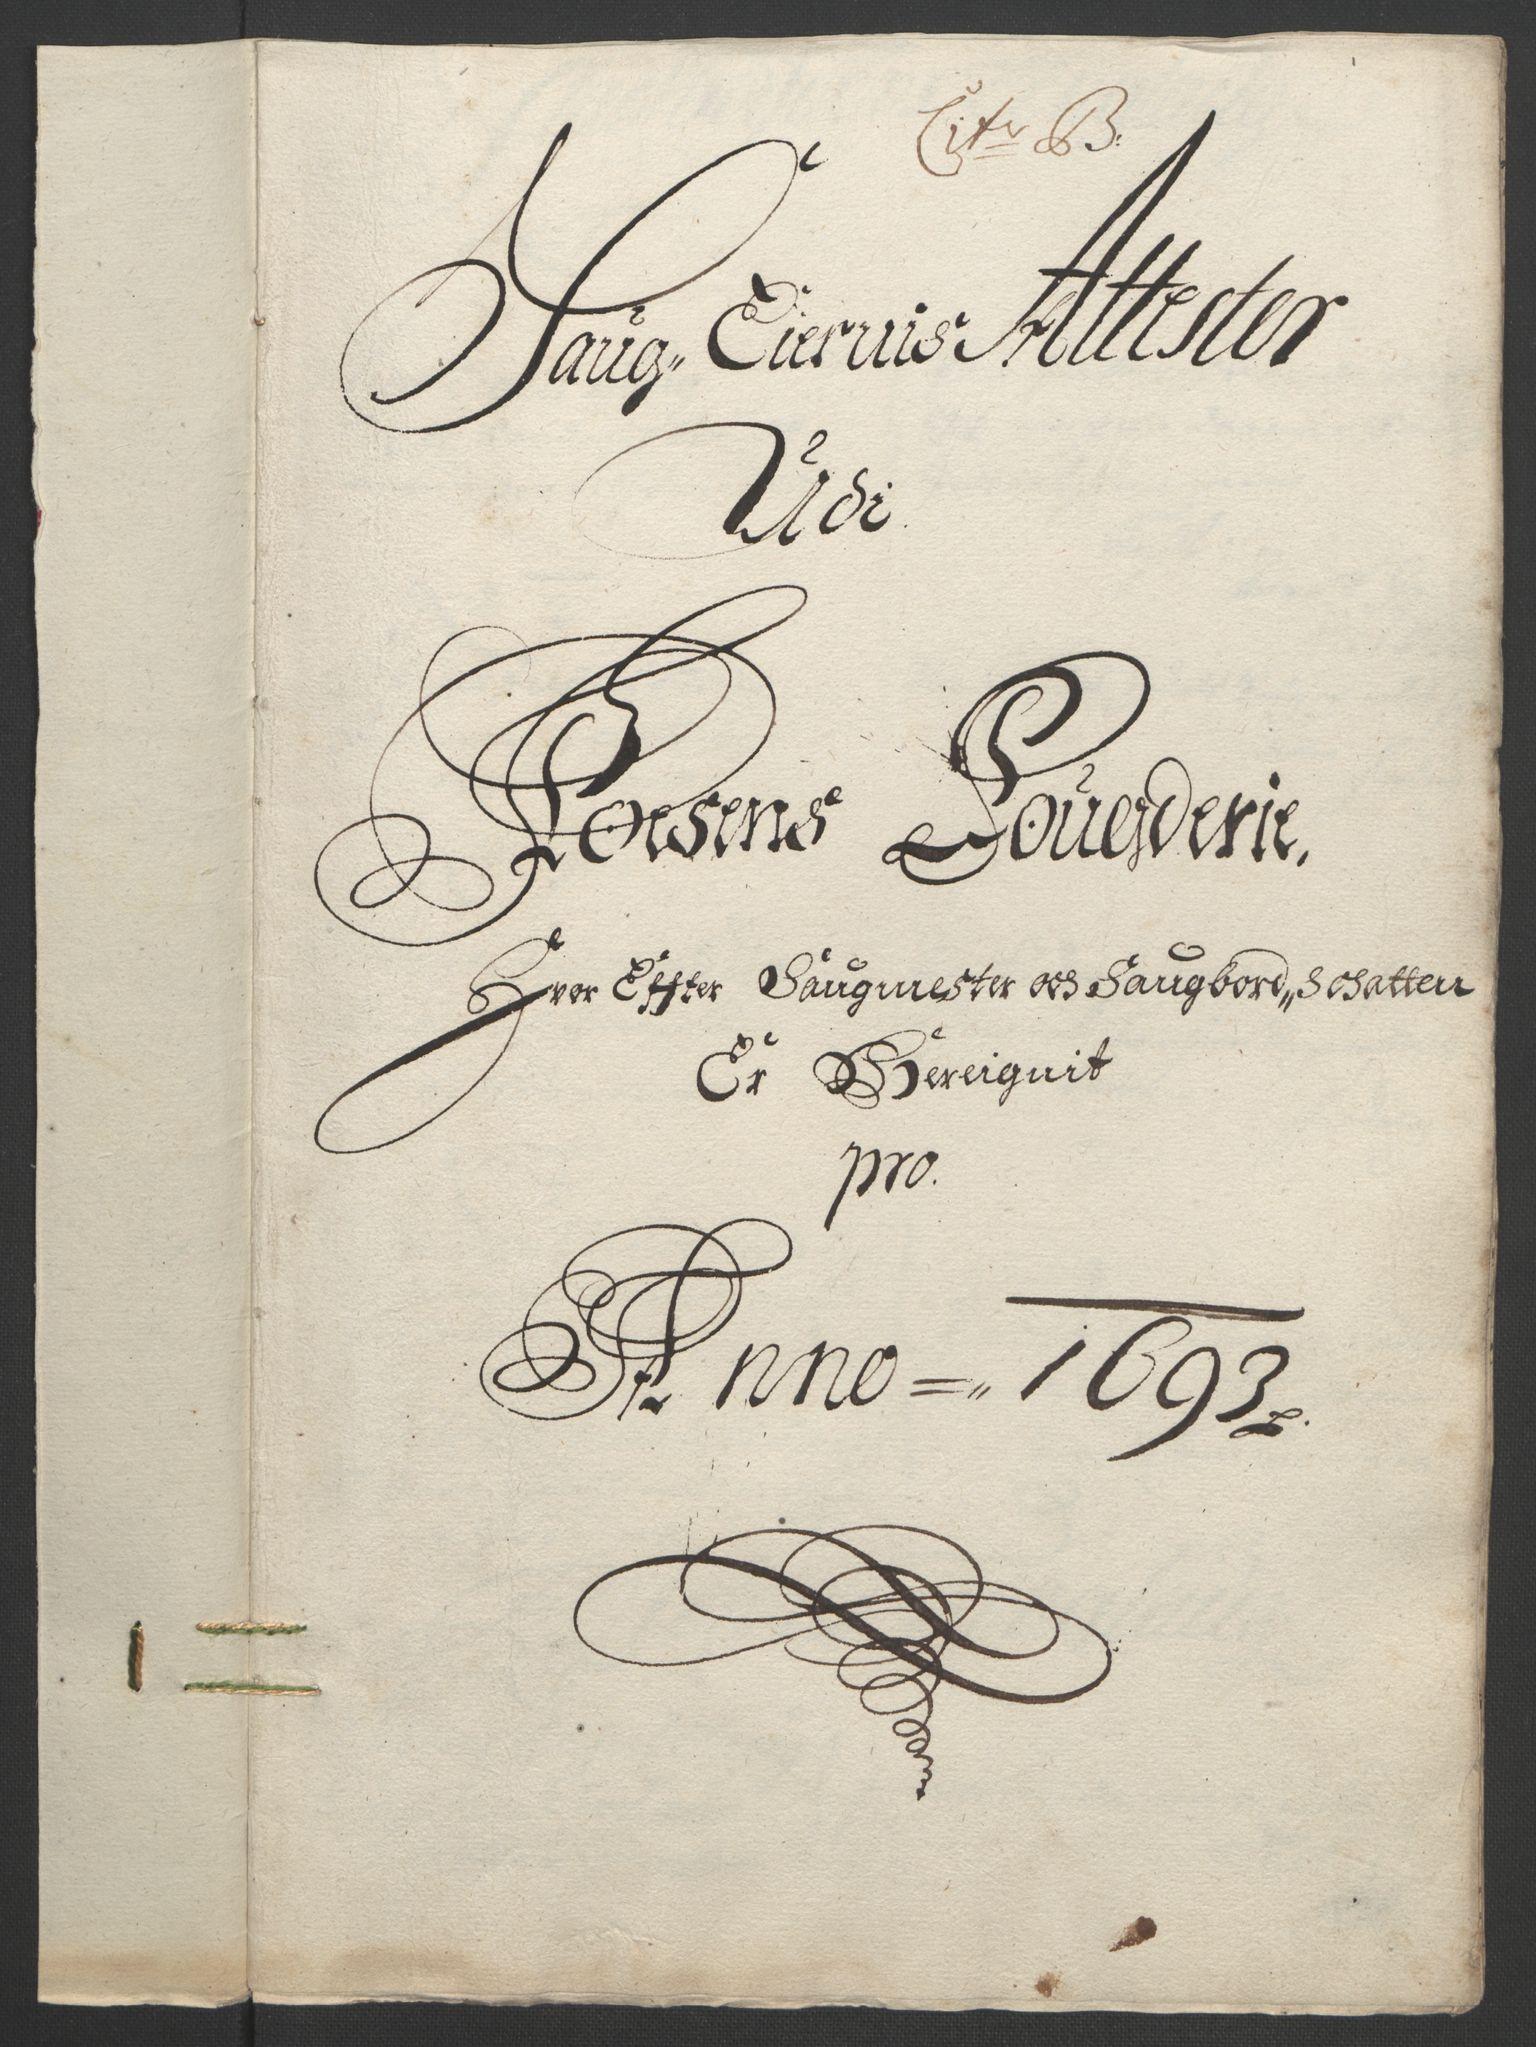 RA, Rentekammeret inntil 1814, Reviderte regnskaper, Fogderegnskap, R57/L3849: Fogderegnskap Fosen, 1692-1693, s. 441